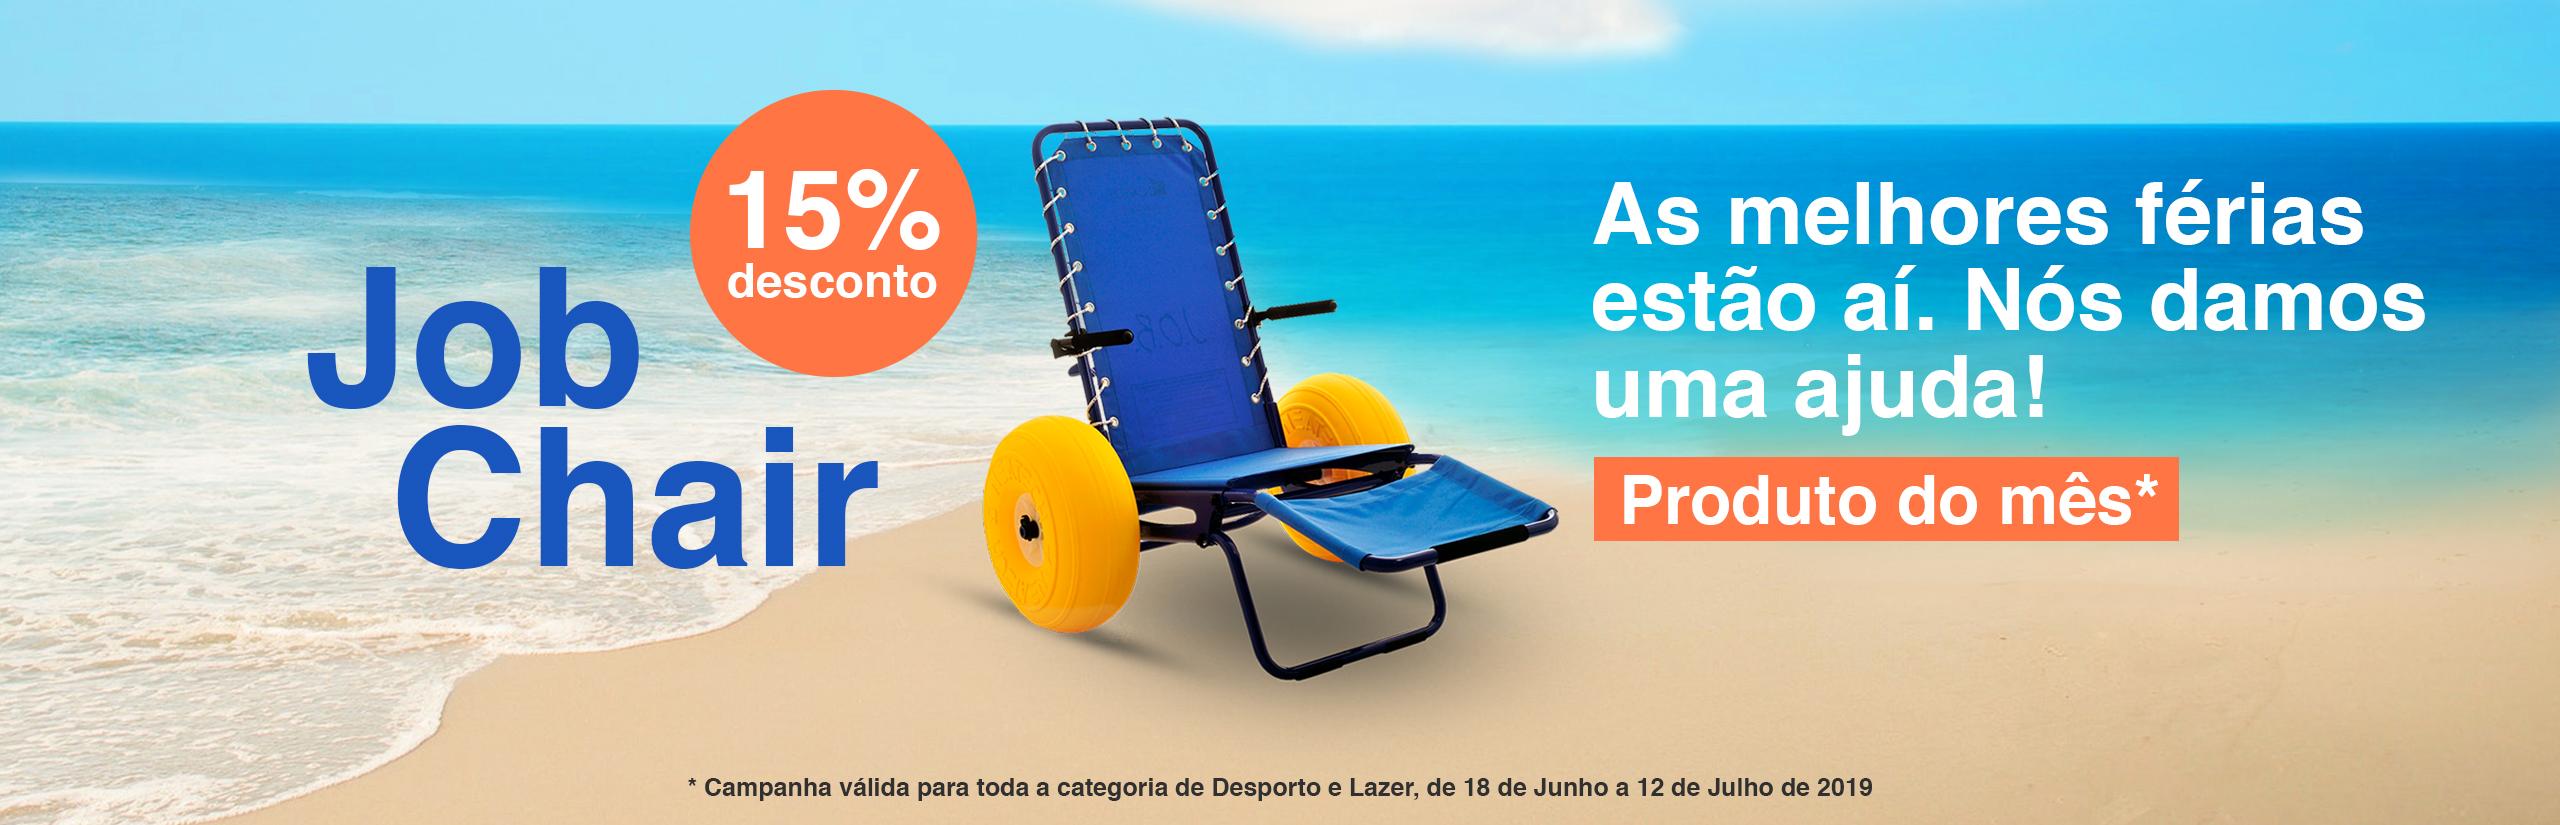 Cadeiras de Rodas de Praia e Piscina